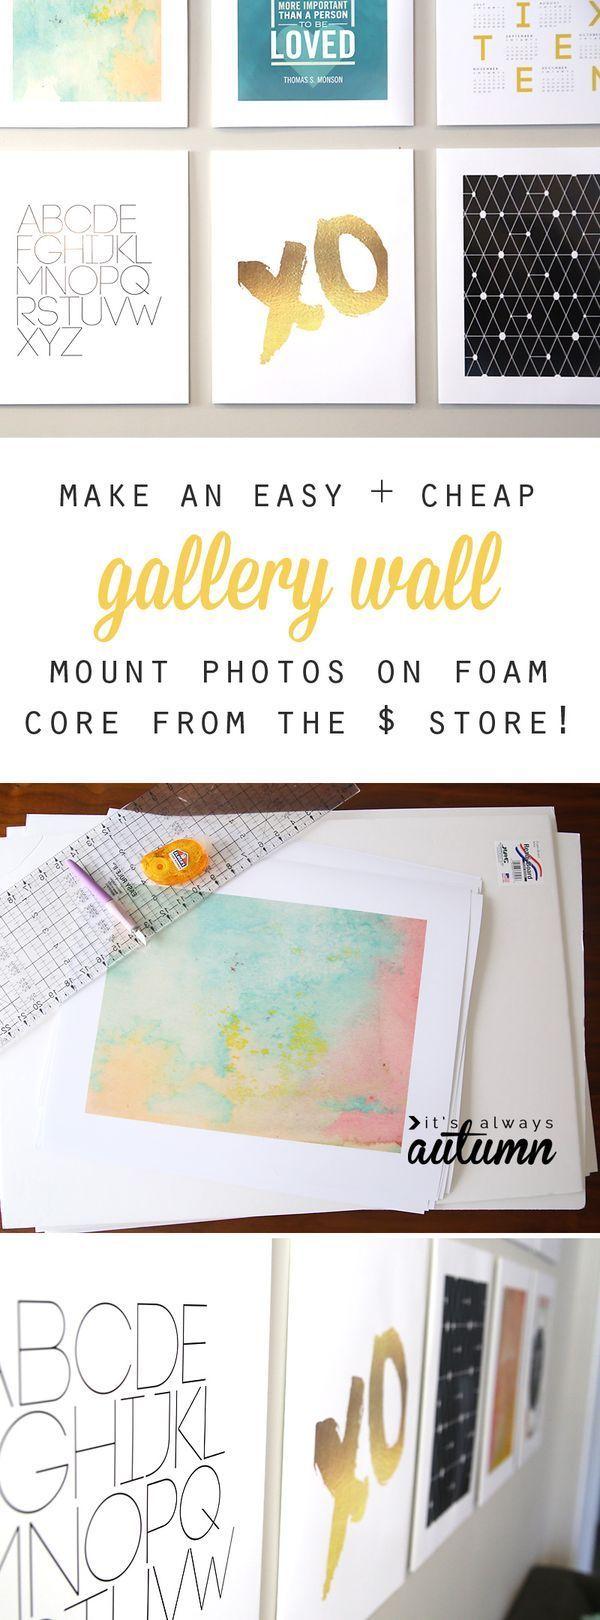 Diy Photo Mounting For A Cheap Easy Gallery Wall Diy Gallery Wall Wall Organizer Diy Dollar Store Diy Organization